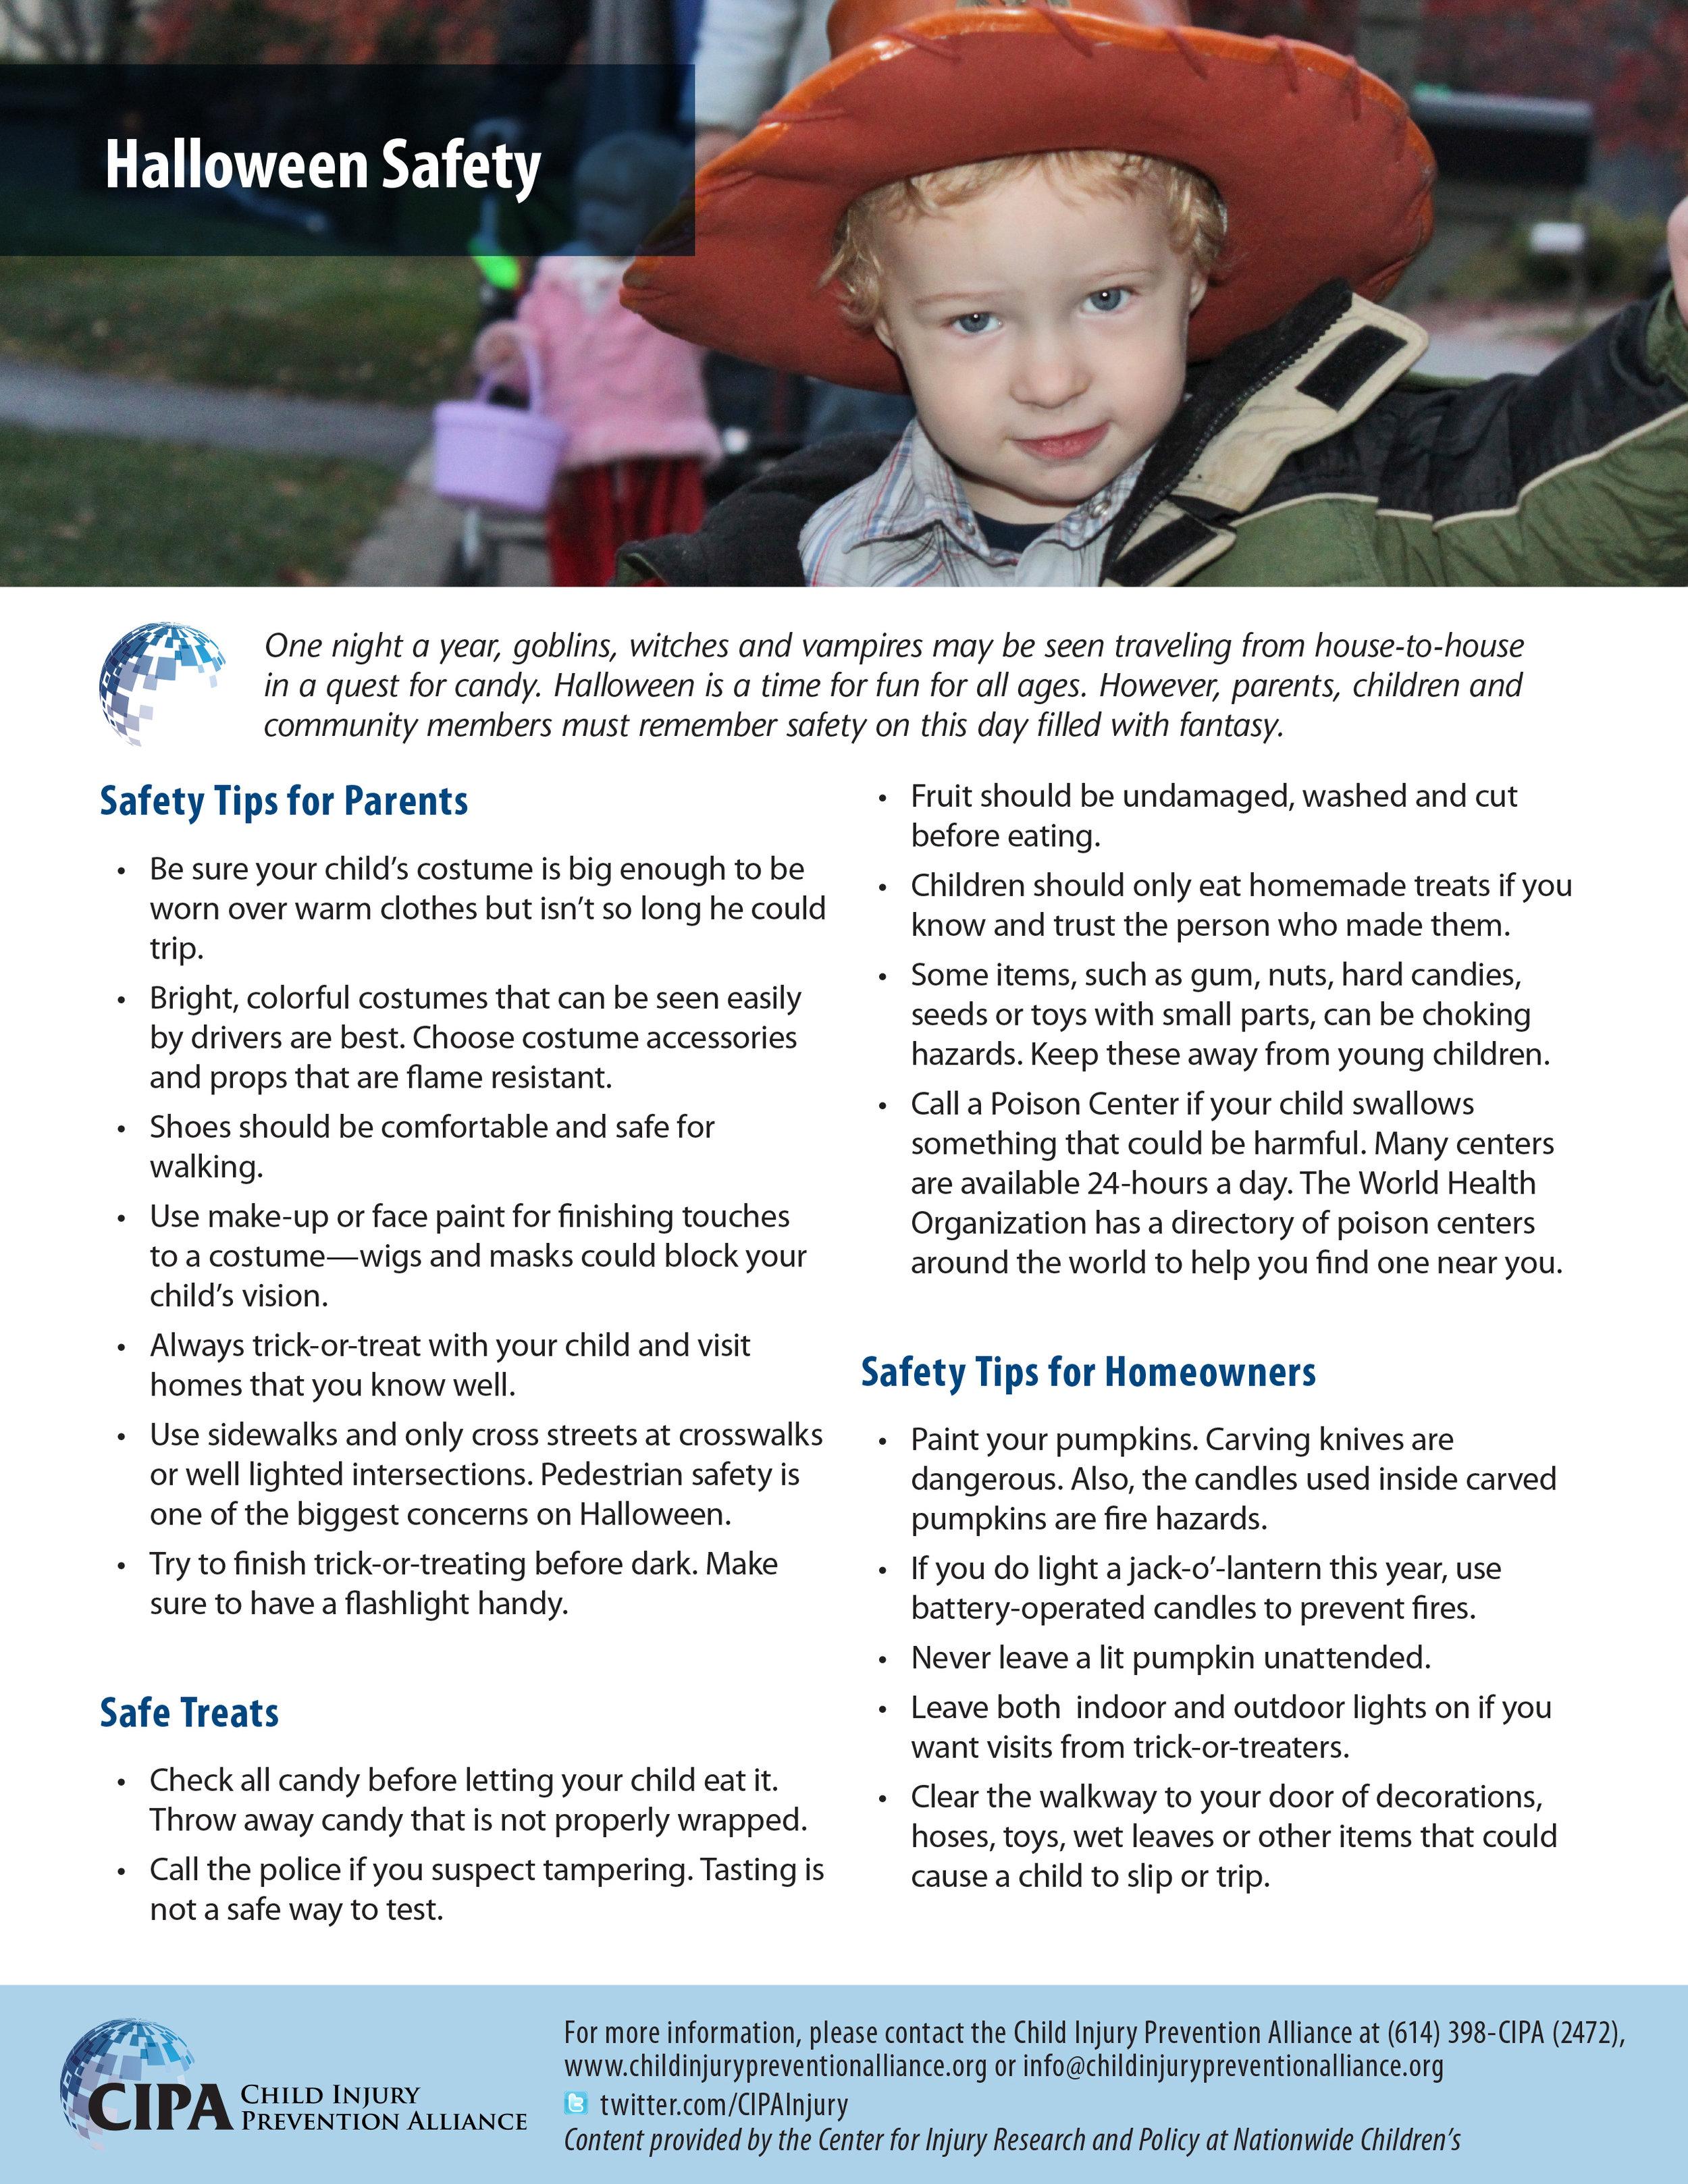 Halloween-safety-fact-sheet.jpg